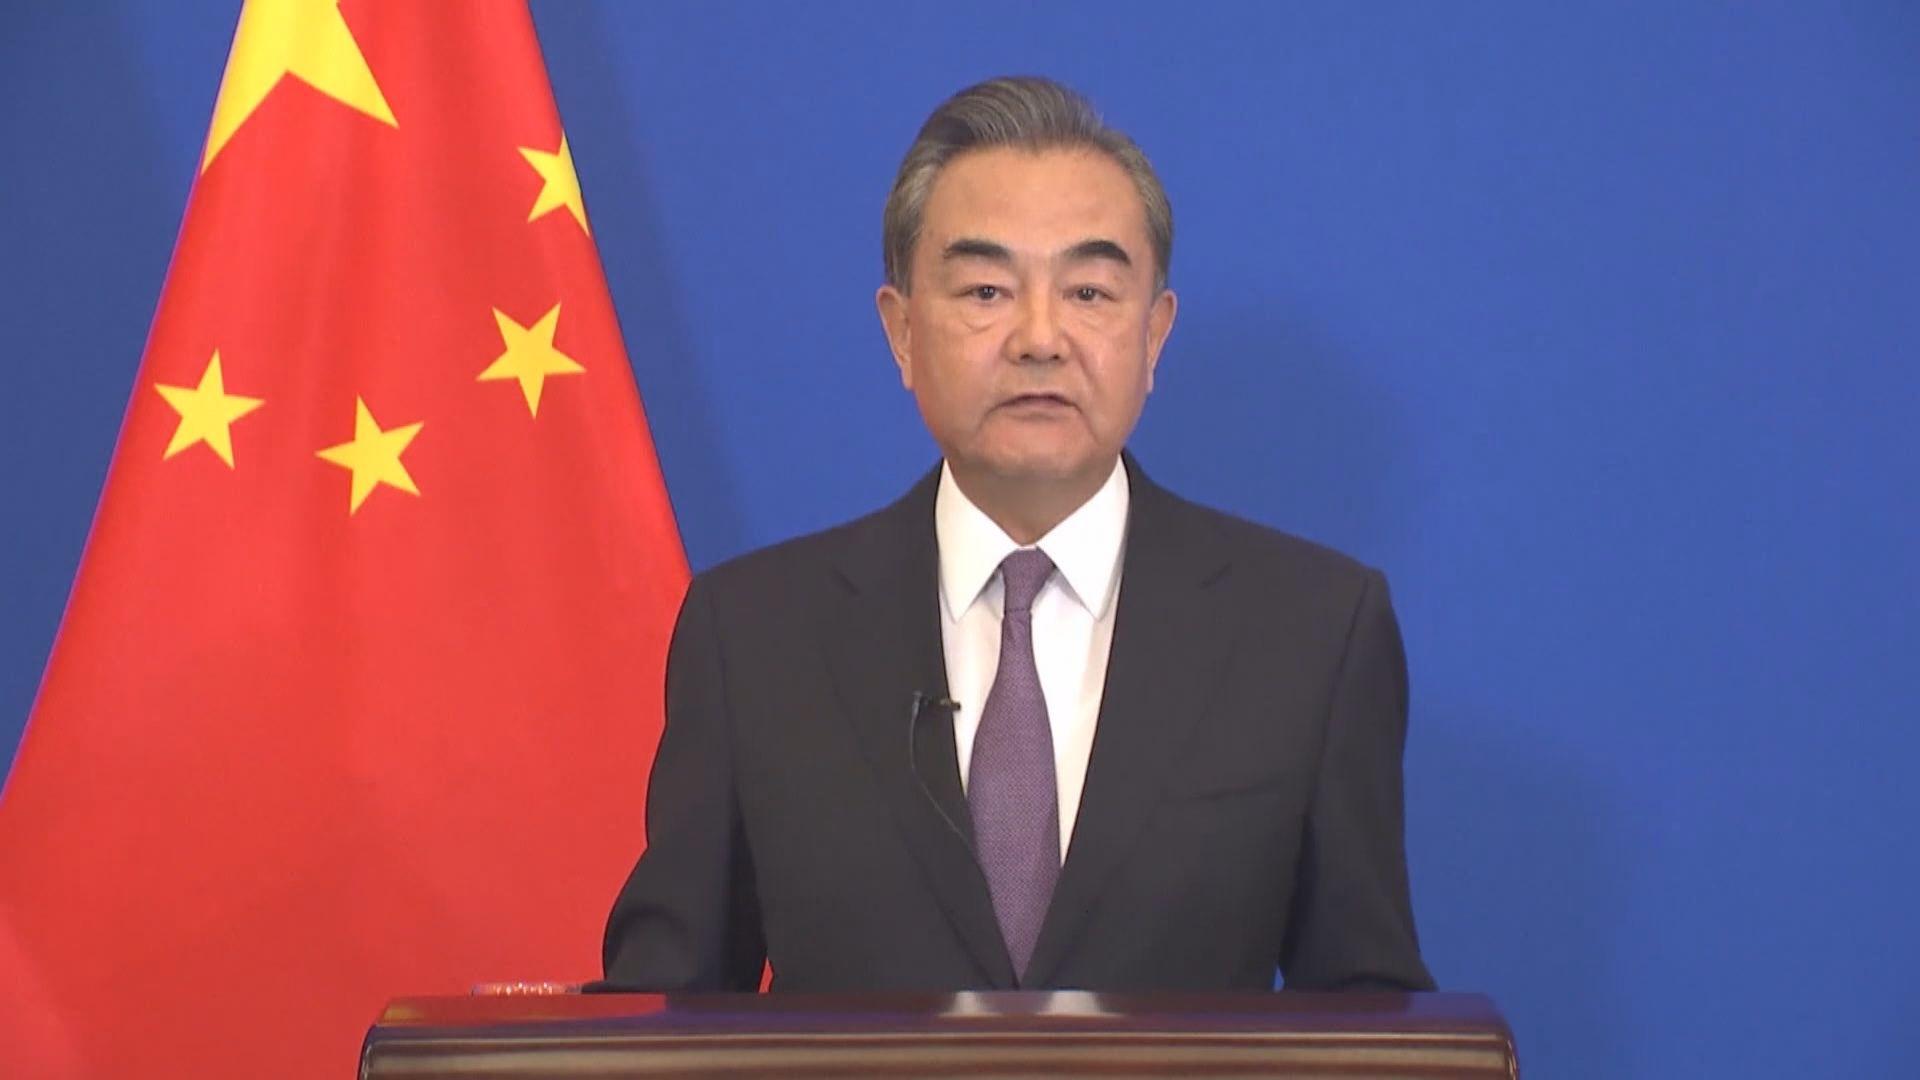 王毅批評美國蓄意挑起意識形態對立